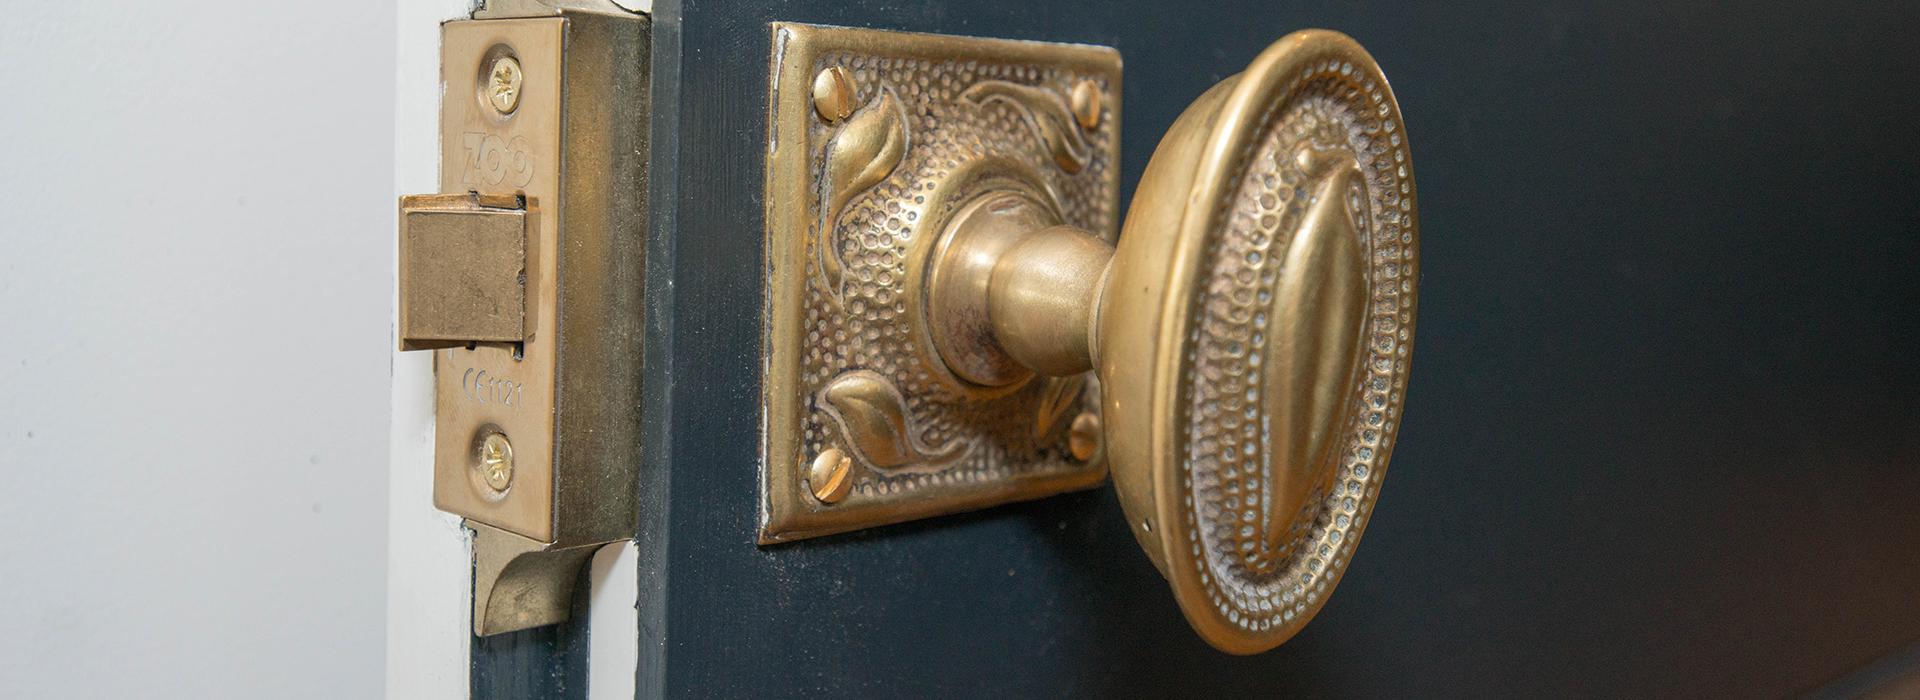 Traditional brass door handle